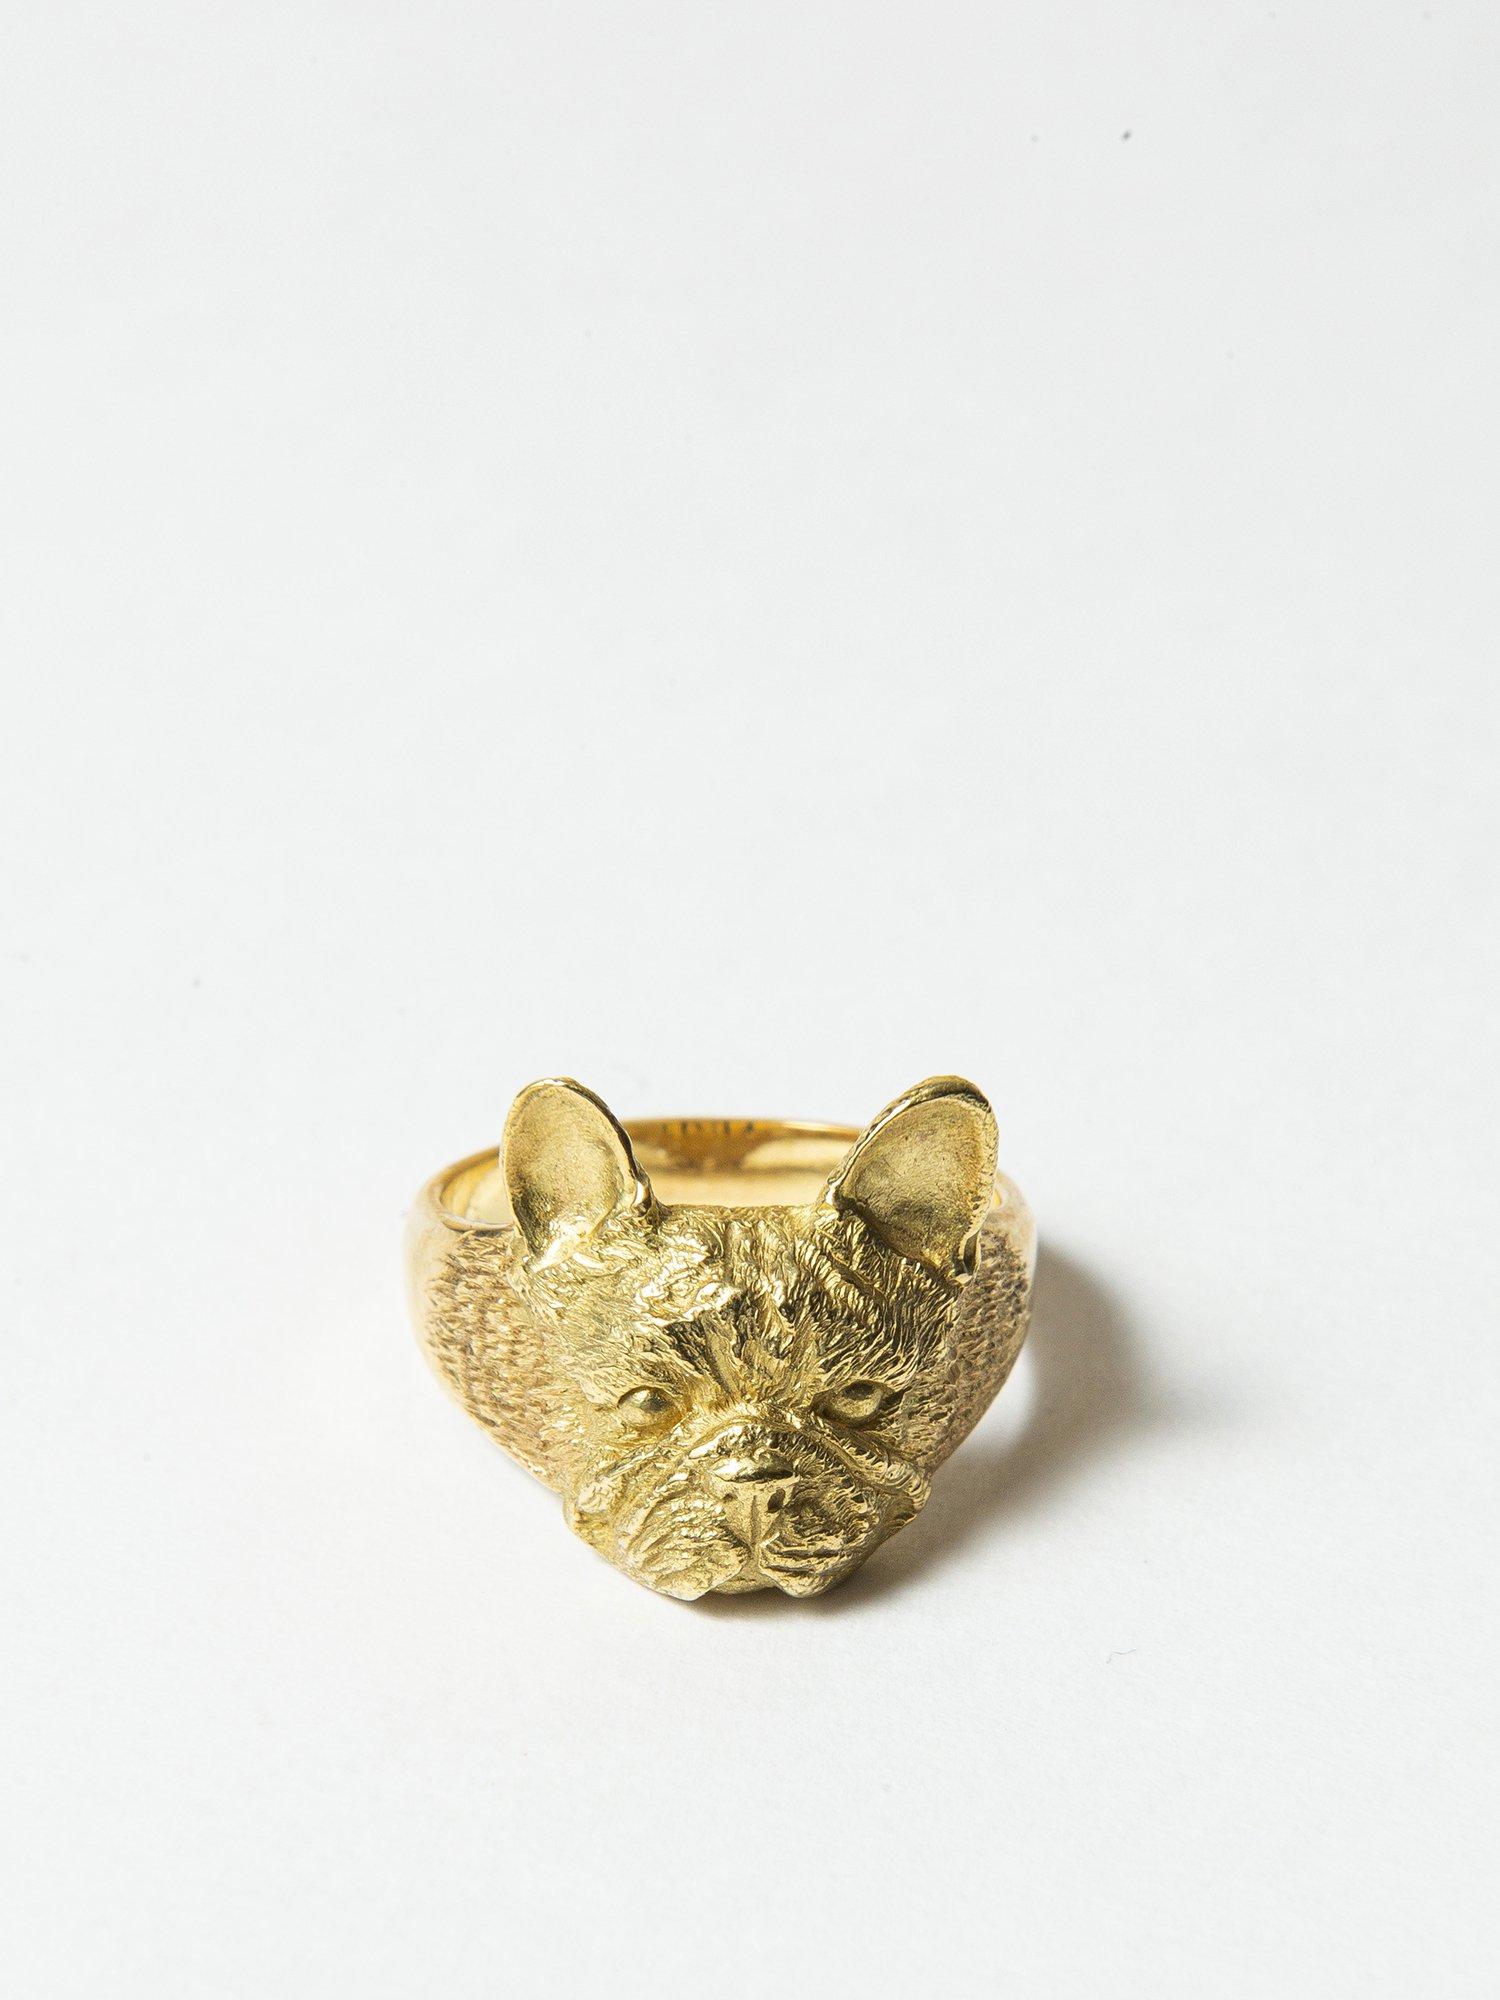 LOLO / French bulldog ring / 14号 / 在庫商品